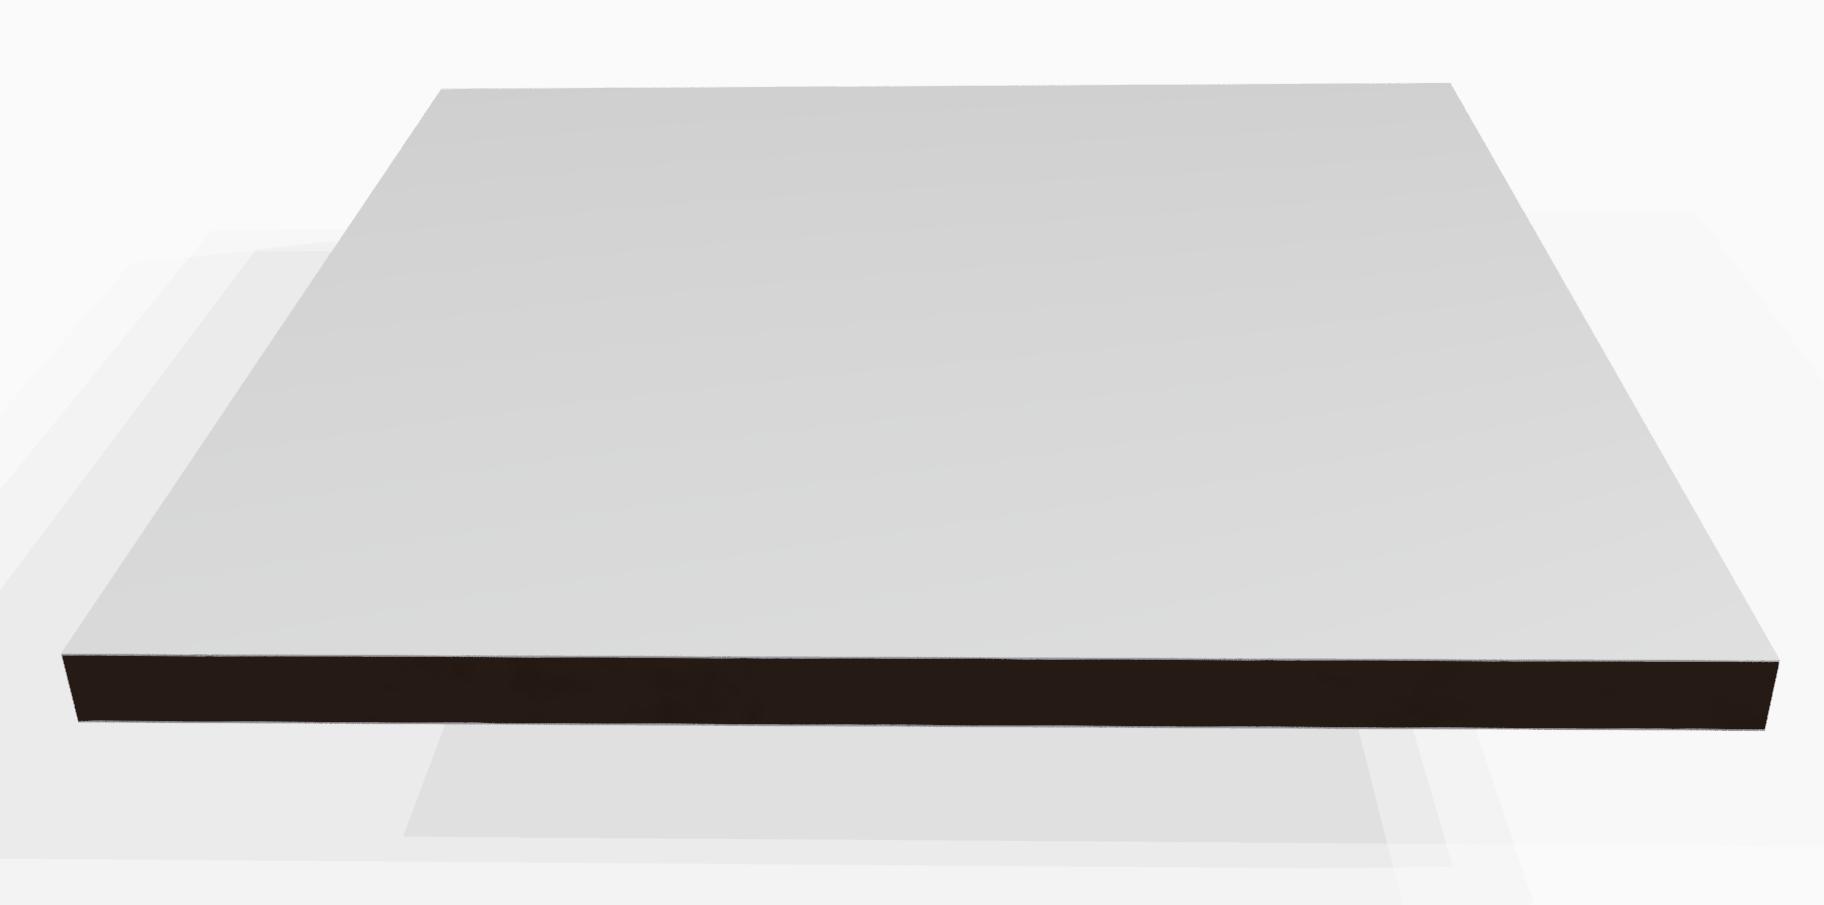 Vollkunststoff 10 mm ähnlich RAL 9016, weiss